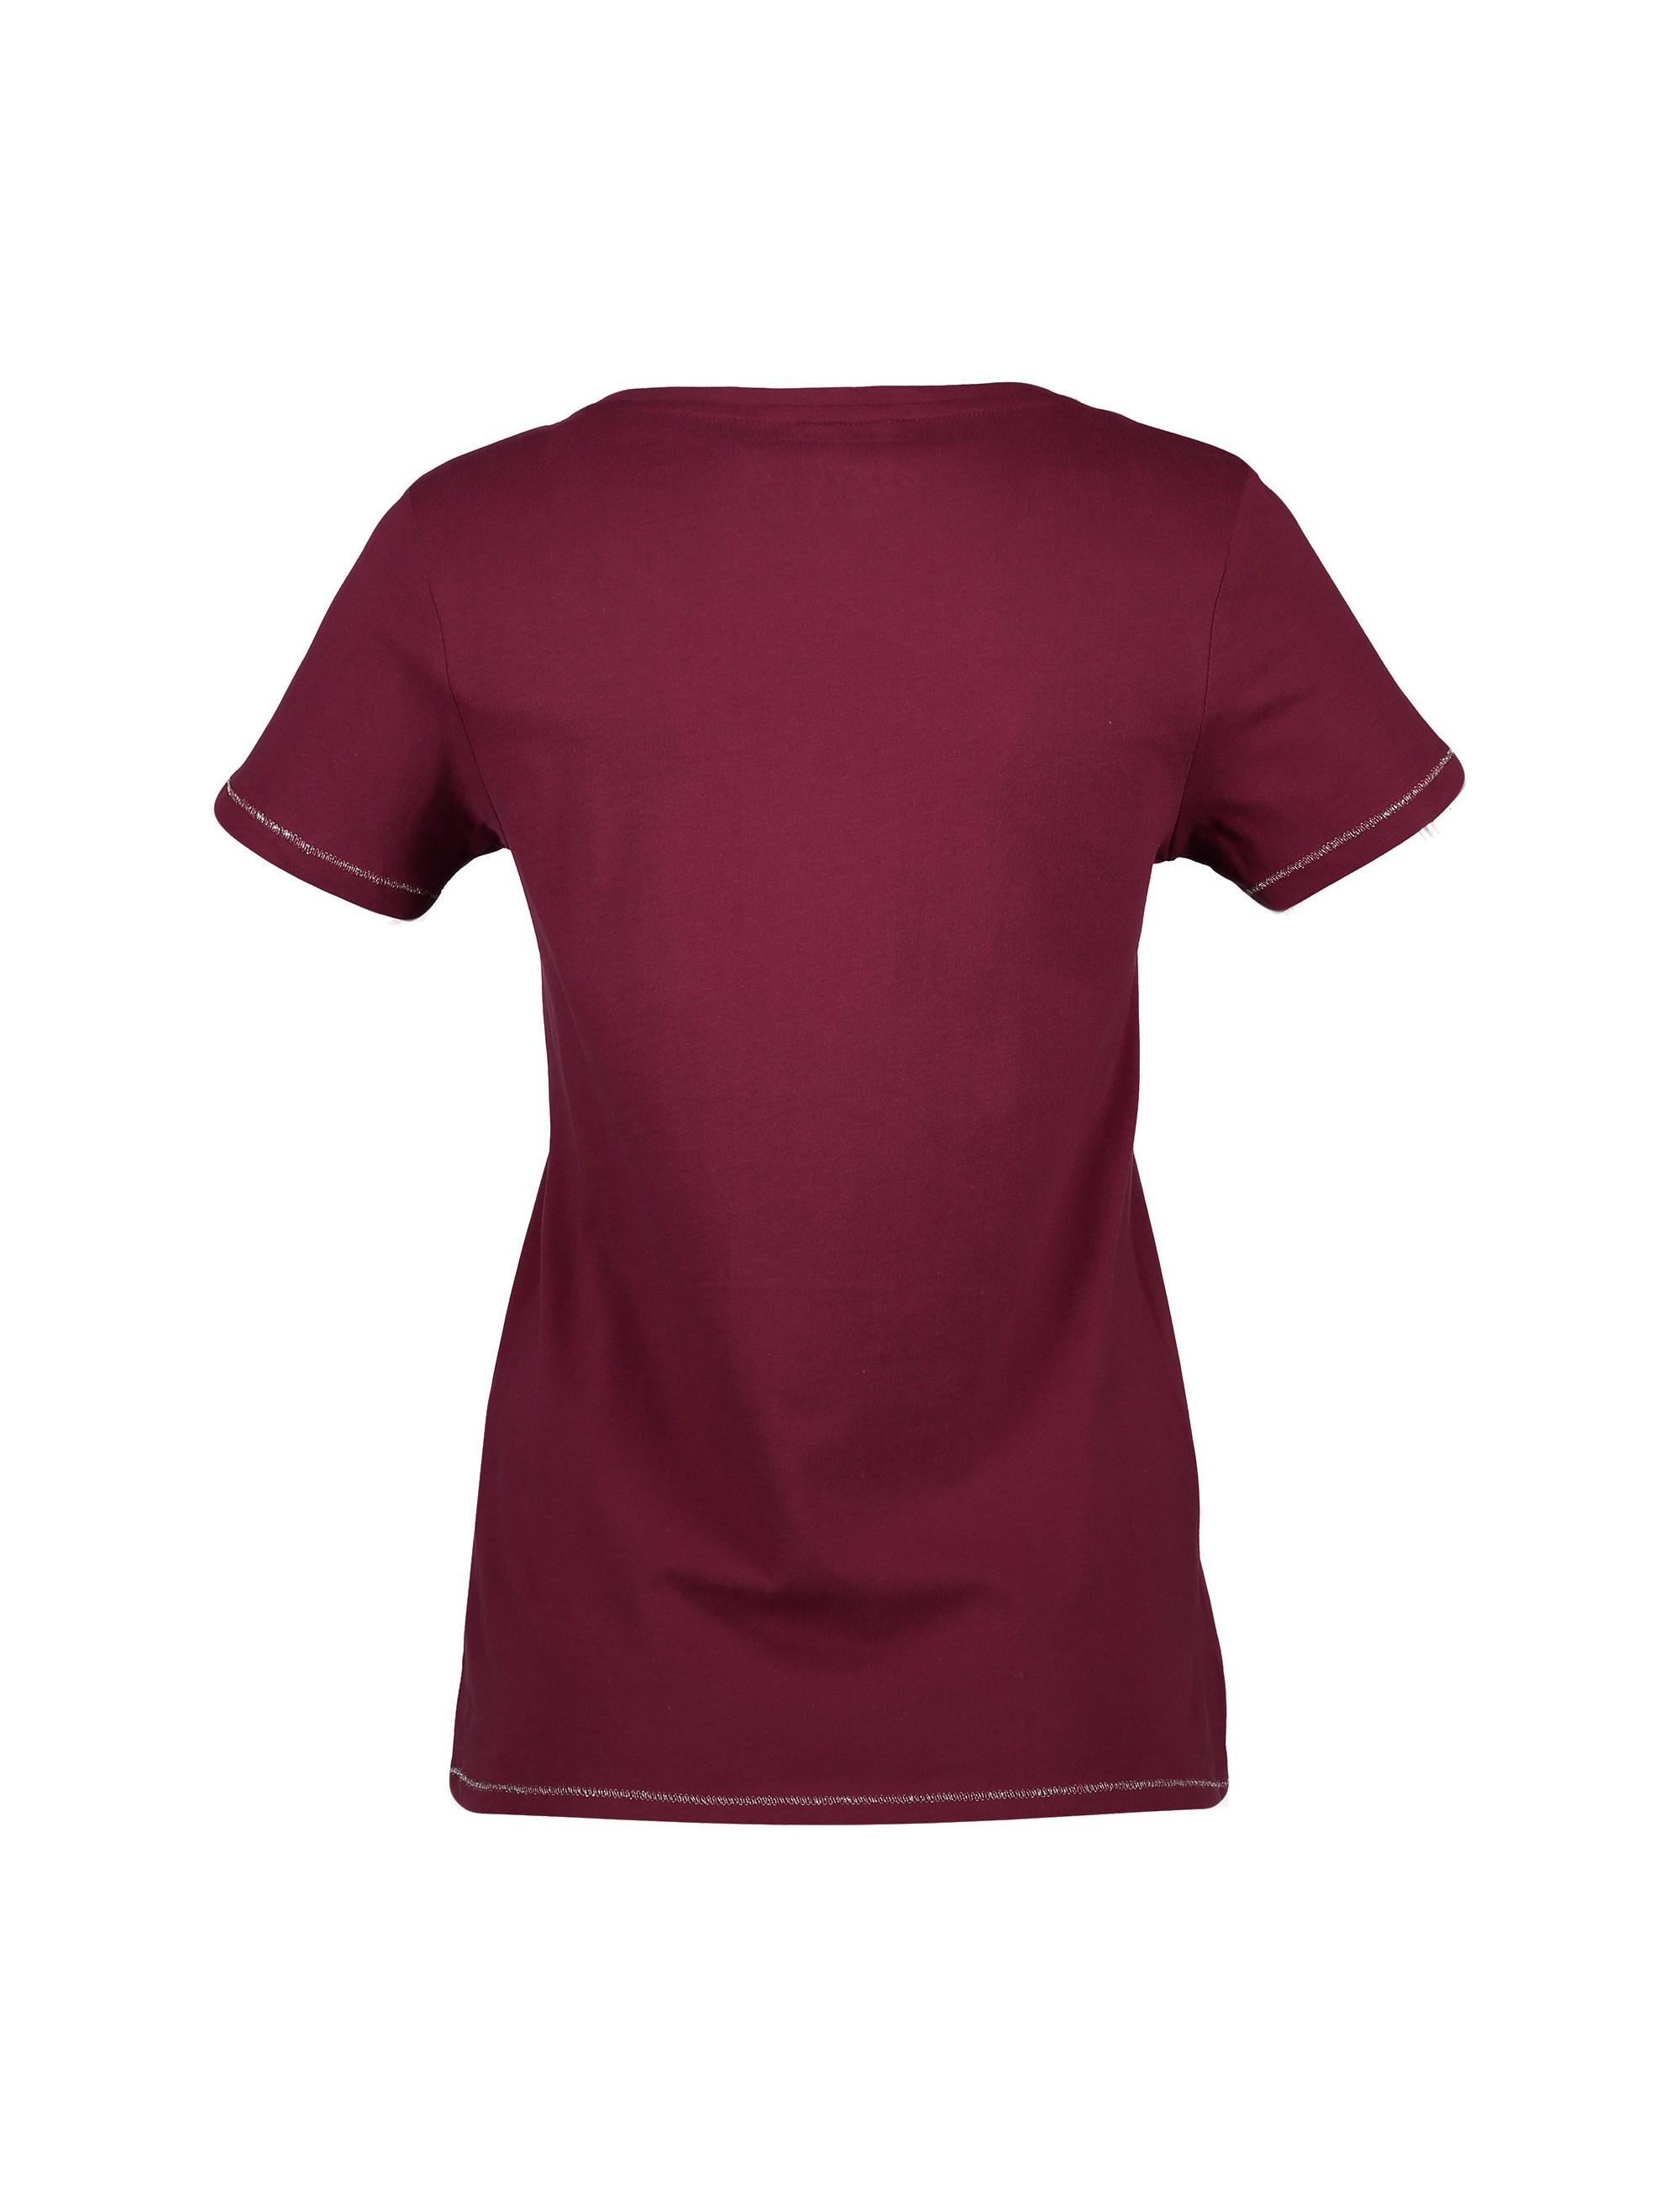 تی شرت و شلوار راحتی نخی زنانه - لانژ اند اسلیپ - قرمز - 3